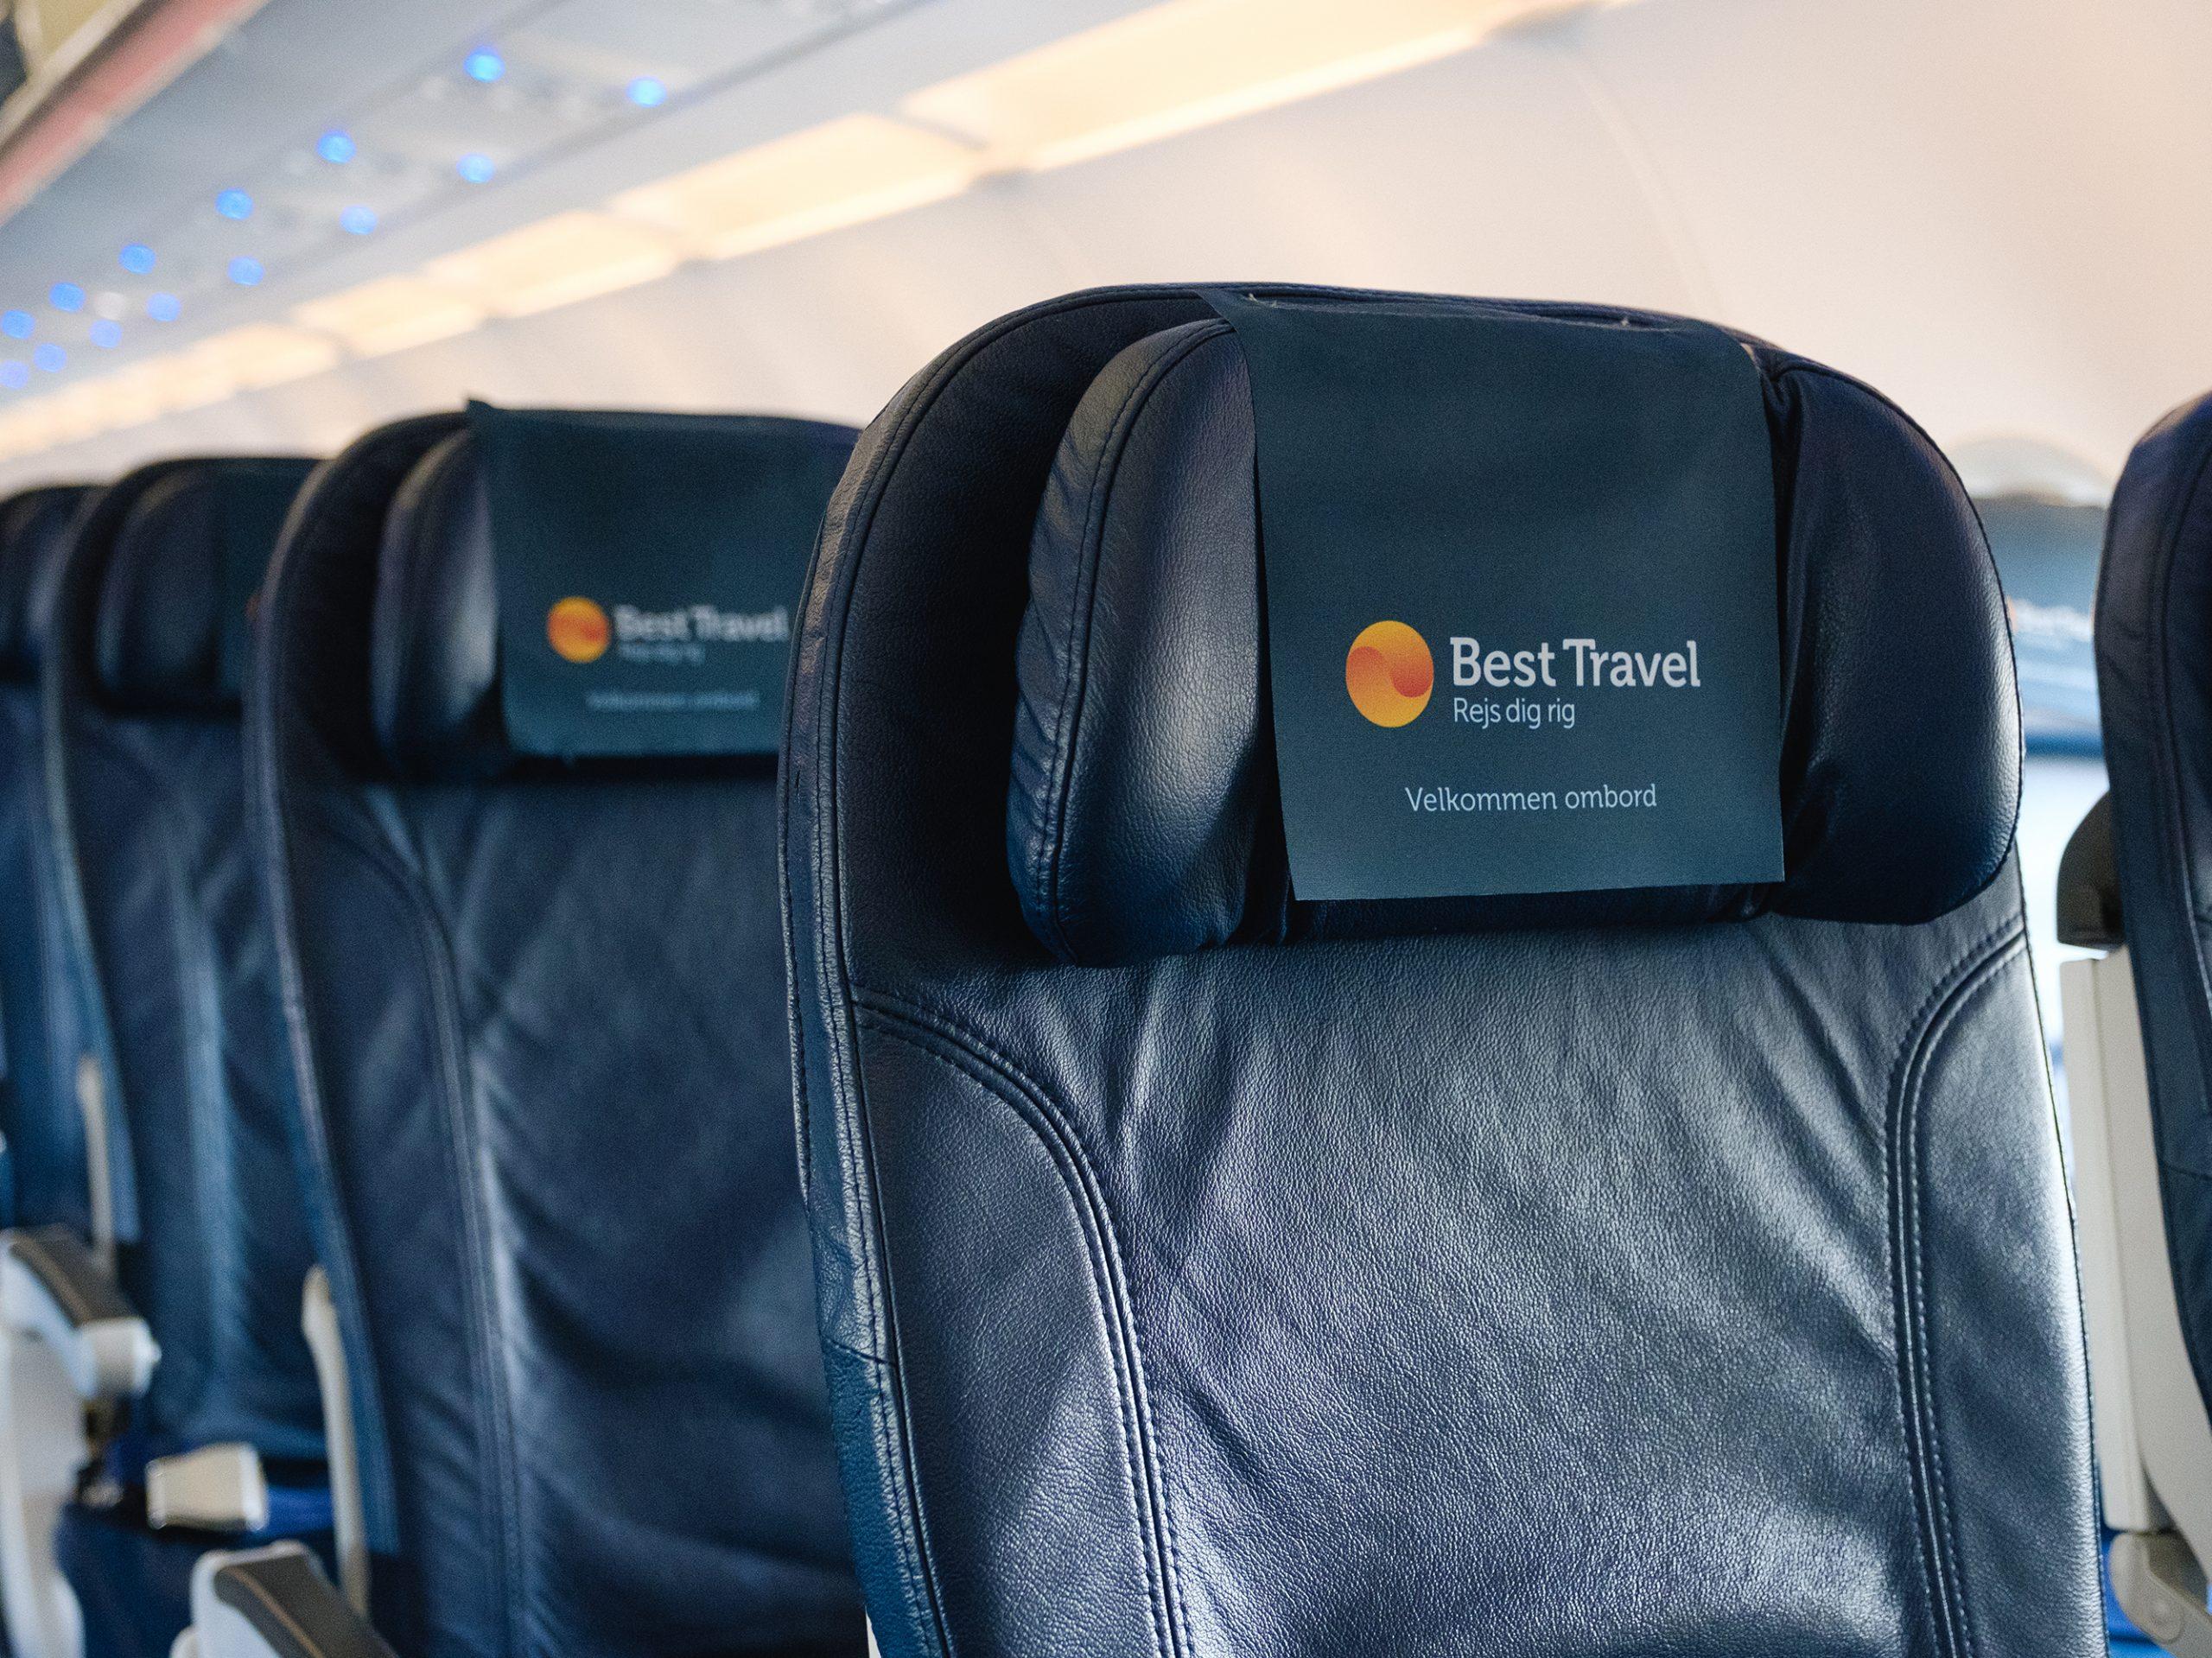 Best Travel, der nu signalerer interesse i opkøb af andre rejsebureauer, arrangerer rundrejser i Europa med fly og busser samt flodkrydstogter med danske rejseledere. Arkivpressefoto.